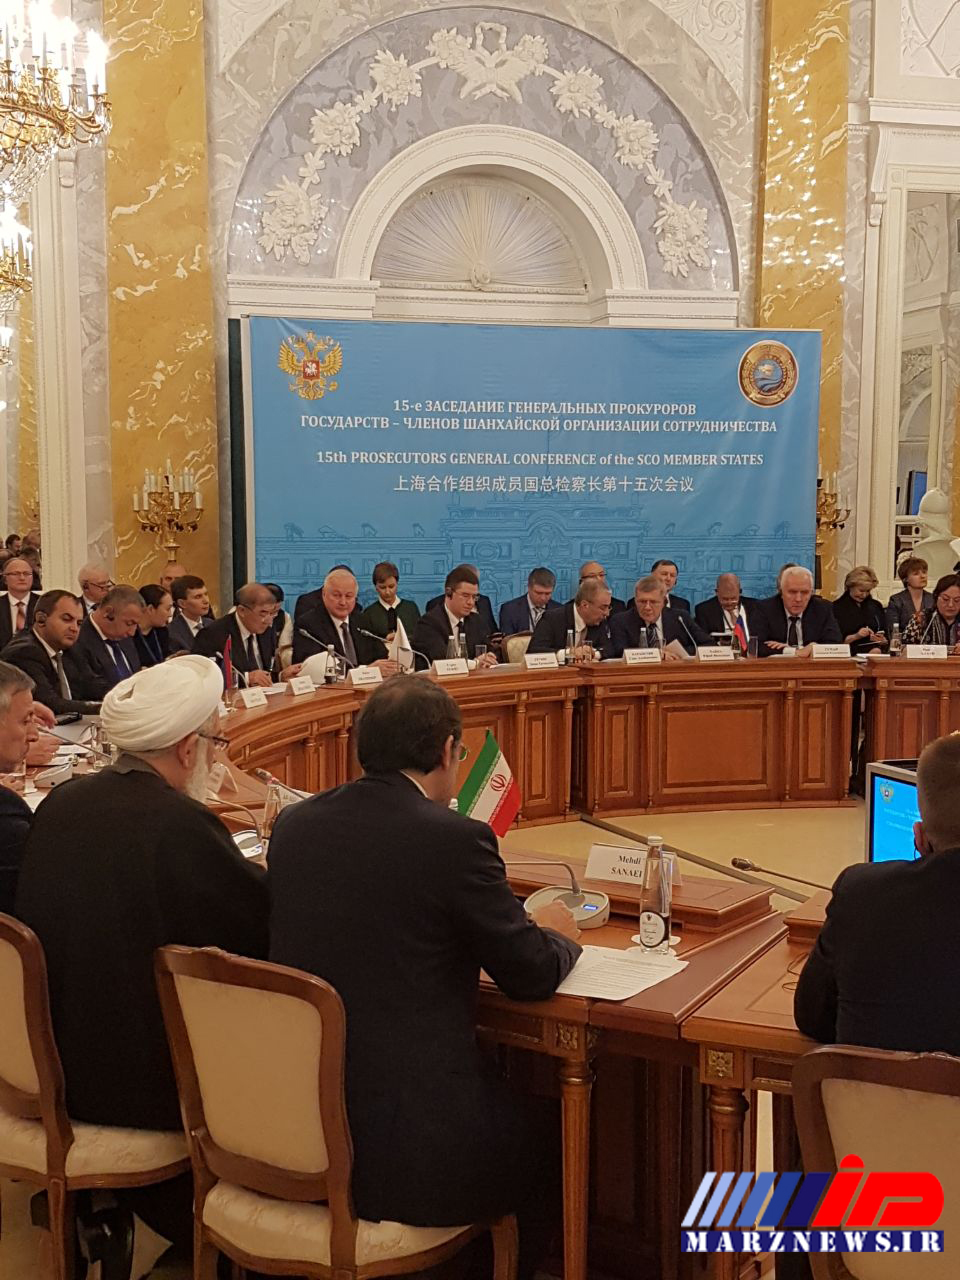 ایران خواستار همکاری کشورهای عضو سازمان شانگهای در مبارزه با تروریسم و جرایم فناوری های نوین شد